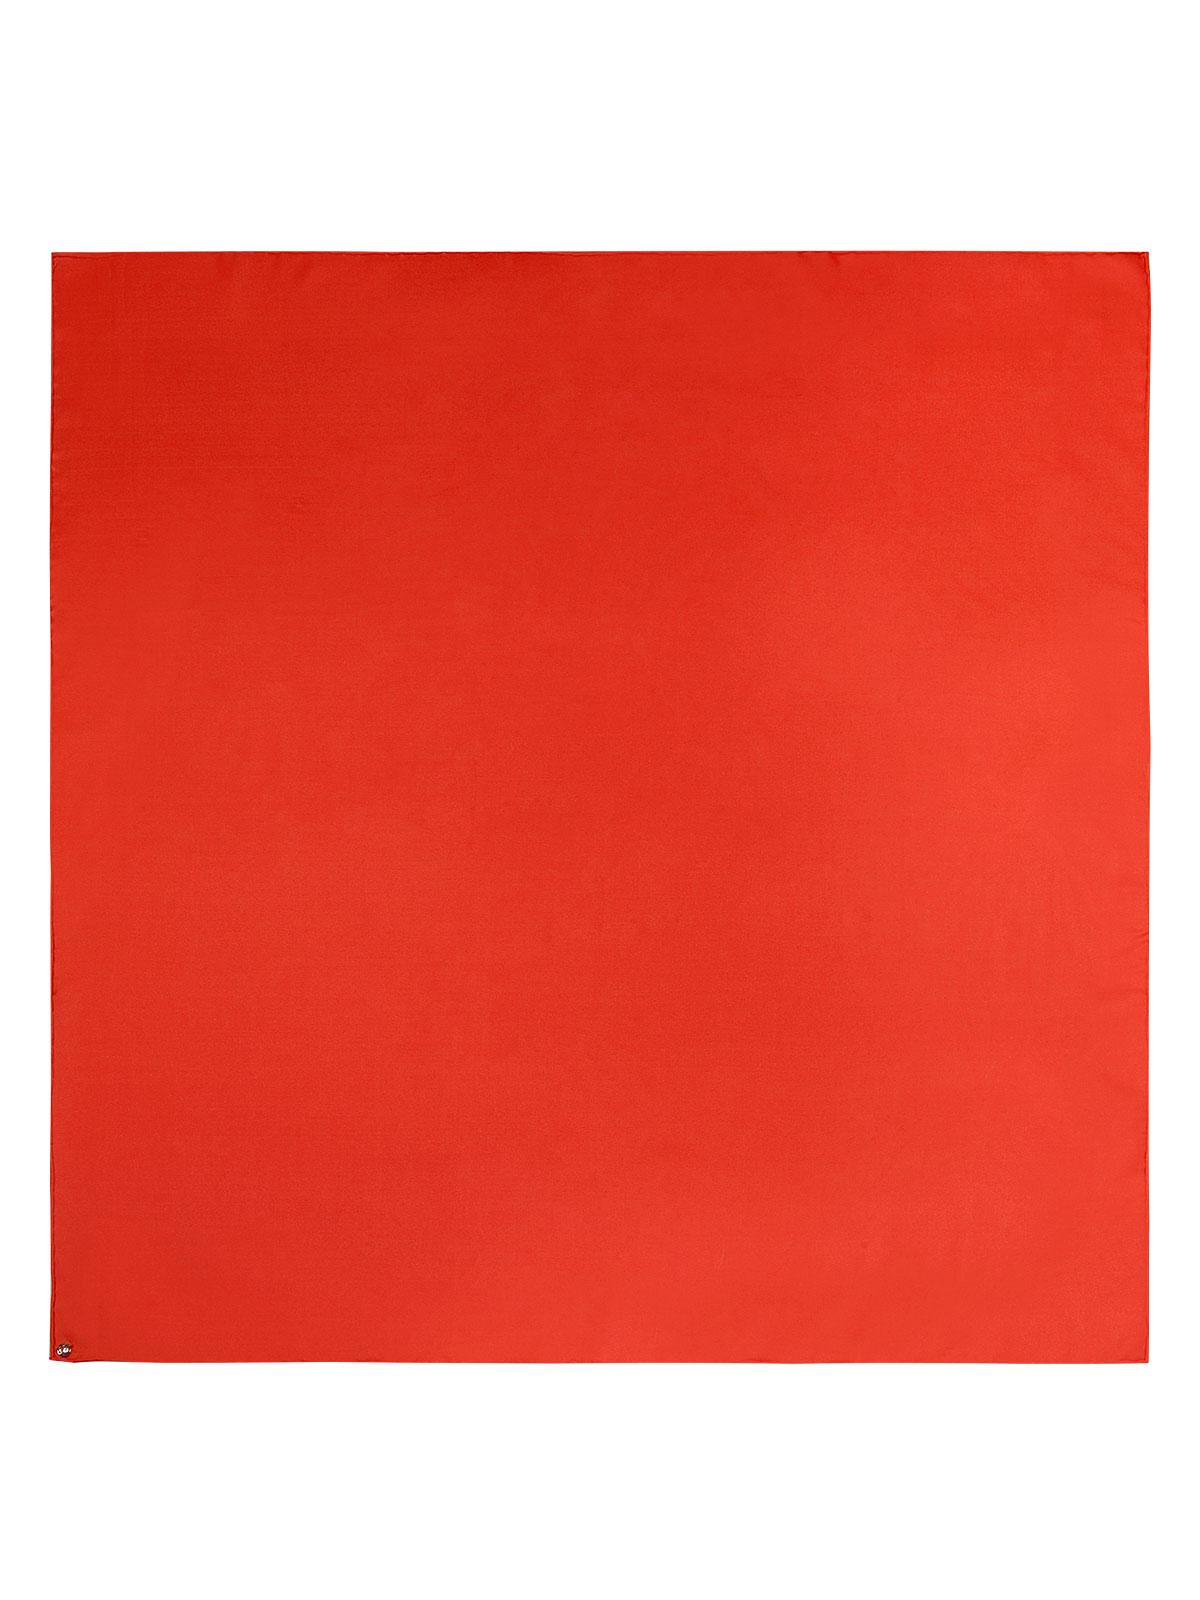 Шарф из шелка красного цветаШарфы<br><br>Материал: Шёлк 100%<br>Размер: 90 х 90<br>Цвет: Красный<br>Дизайн: Италия<br>Страна производства: Италия<br><br>Материал верха: Текстиль<br>Цвет: Красный<br>Пол: Женский<br>Размер: Без размера